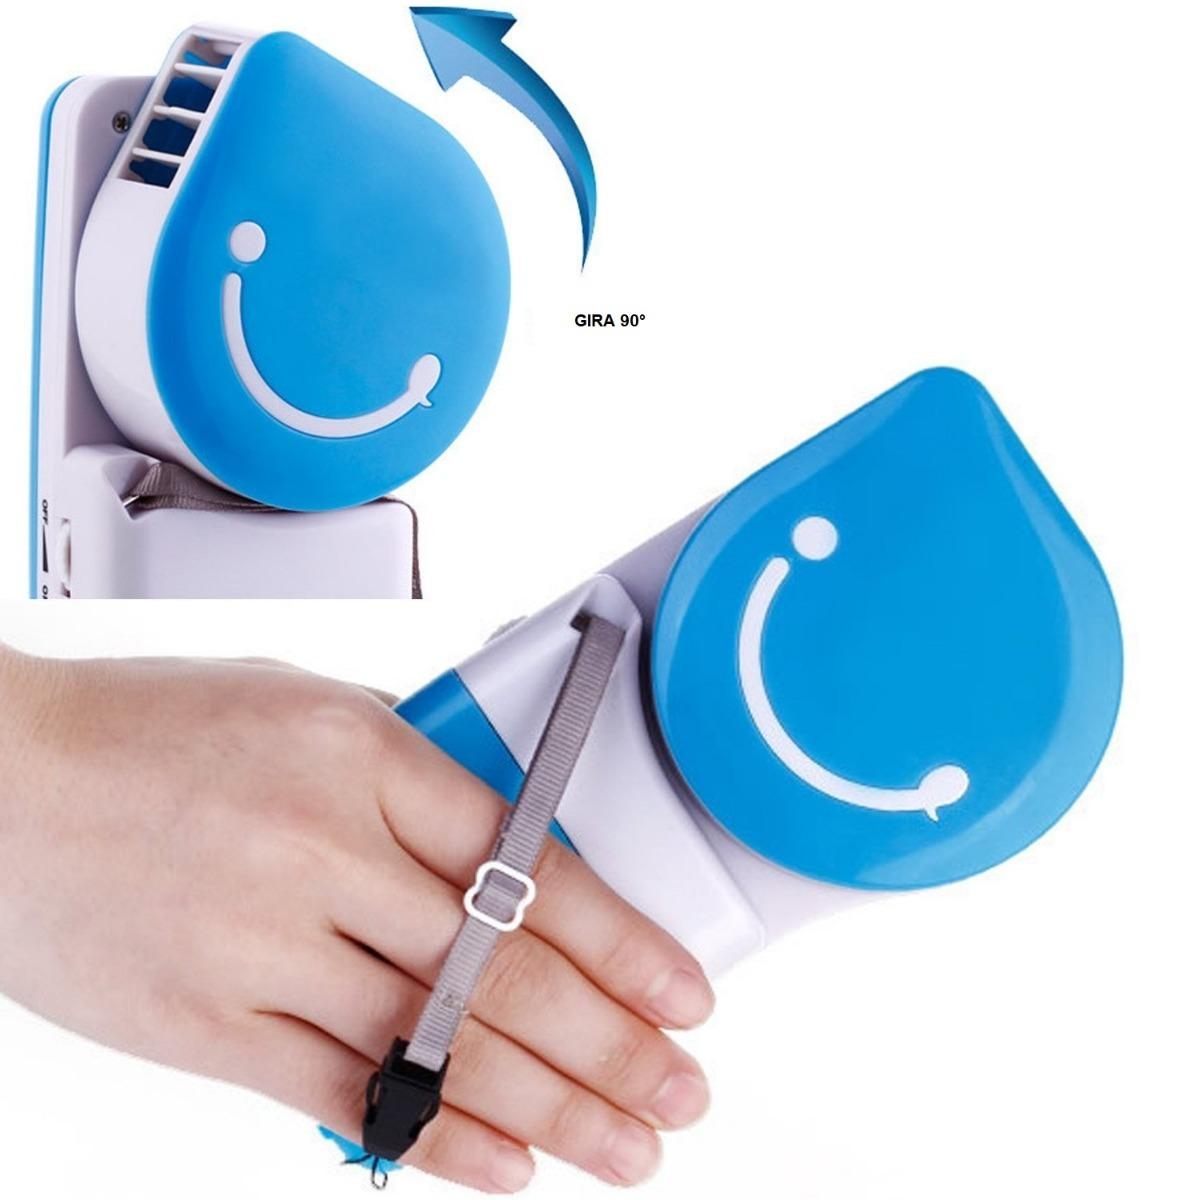 Aire acondicionado portatil aire frio para interior - Aire frio calor portatil ...